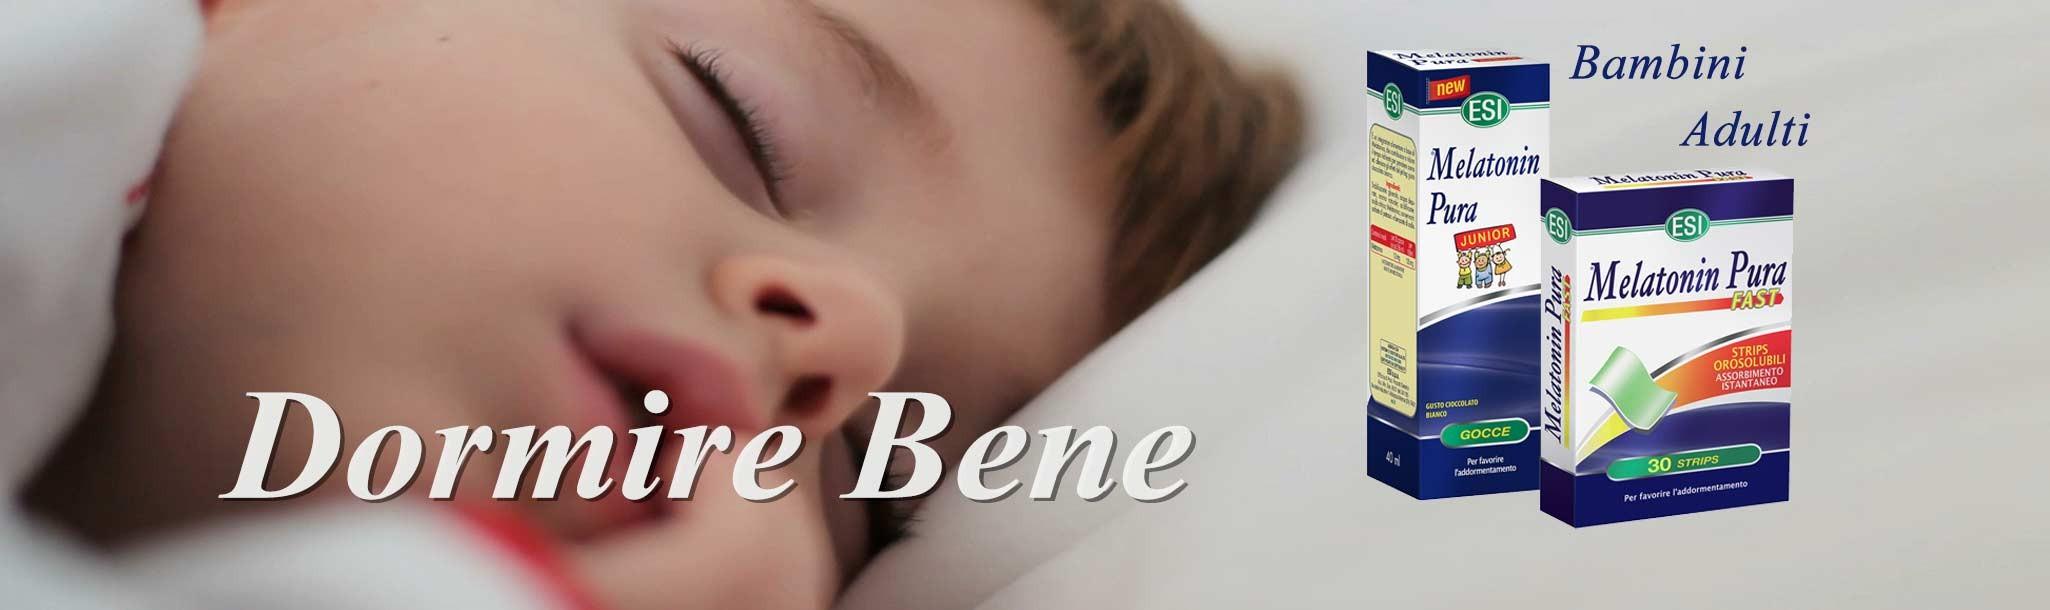 dormire bene con gli integratori naturali di melatonina